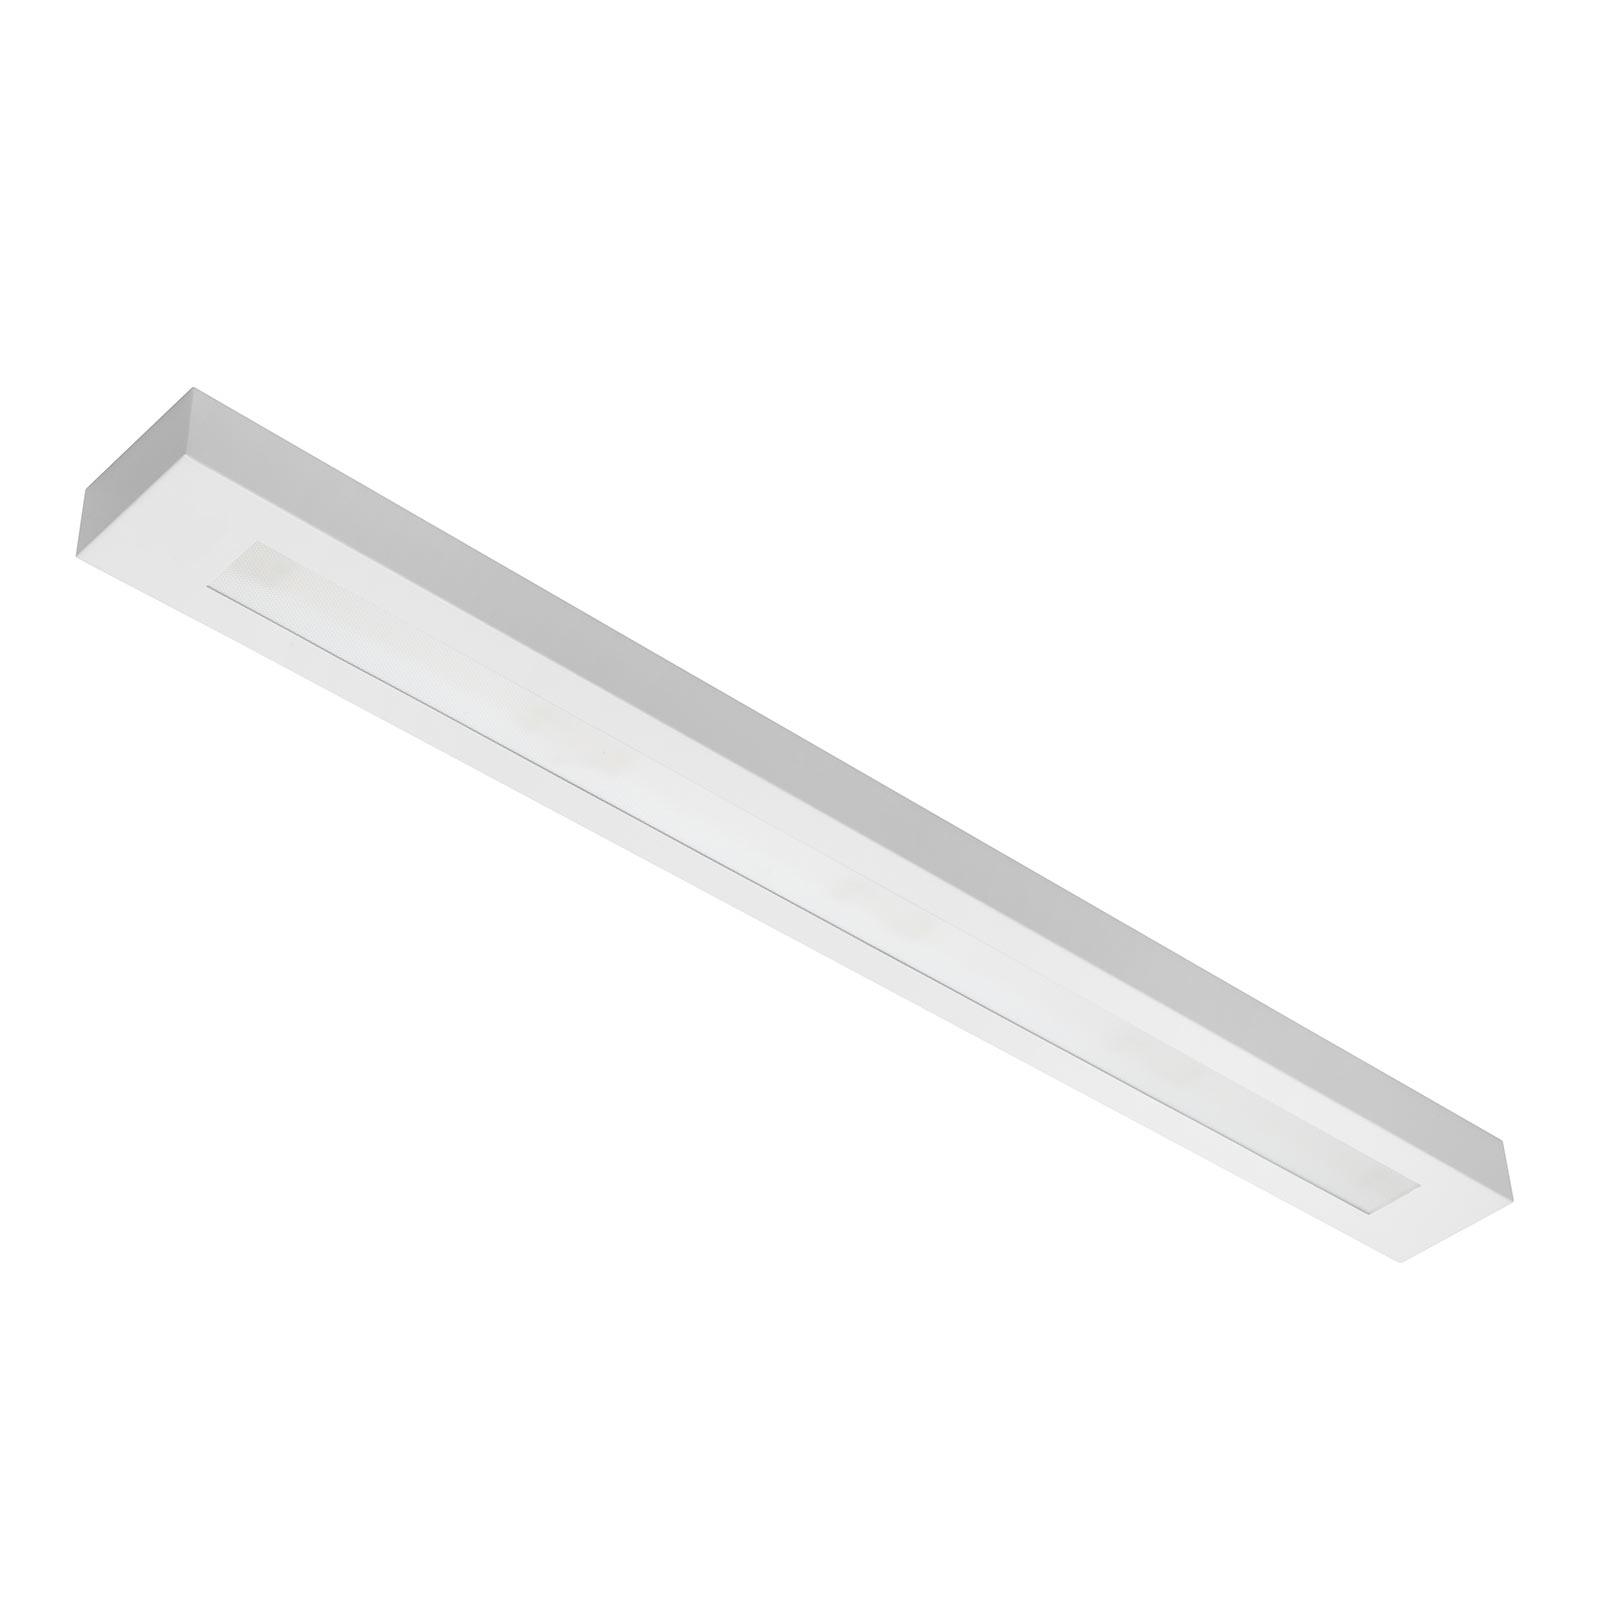 LED-Deckenlampe Lambda 126cm schaltbar 48W 3.000K